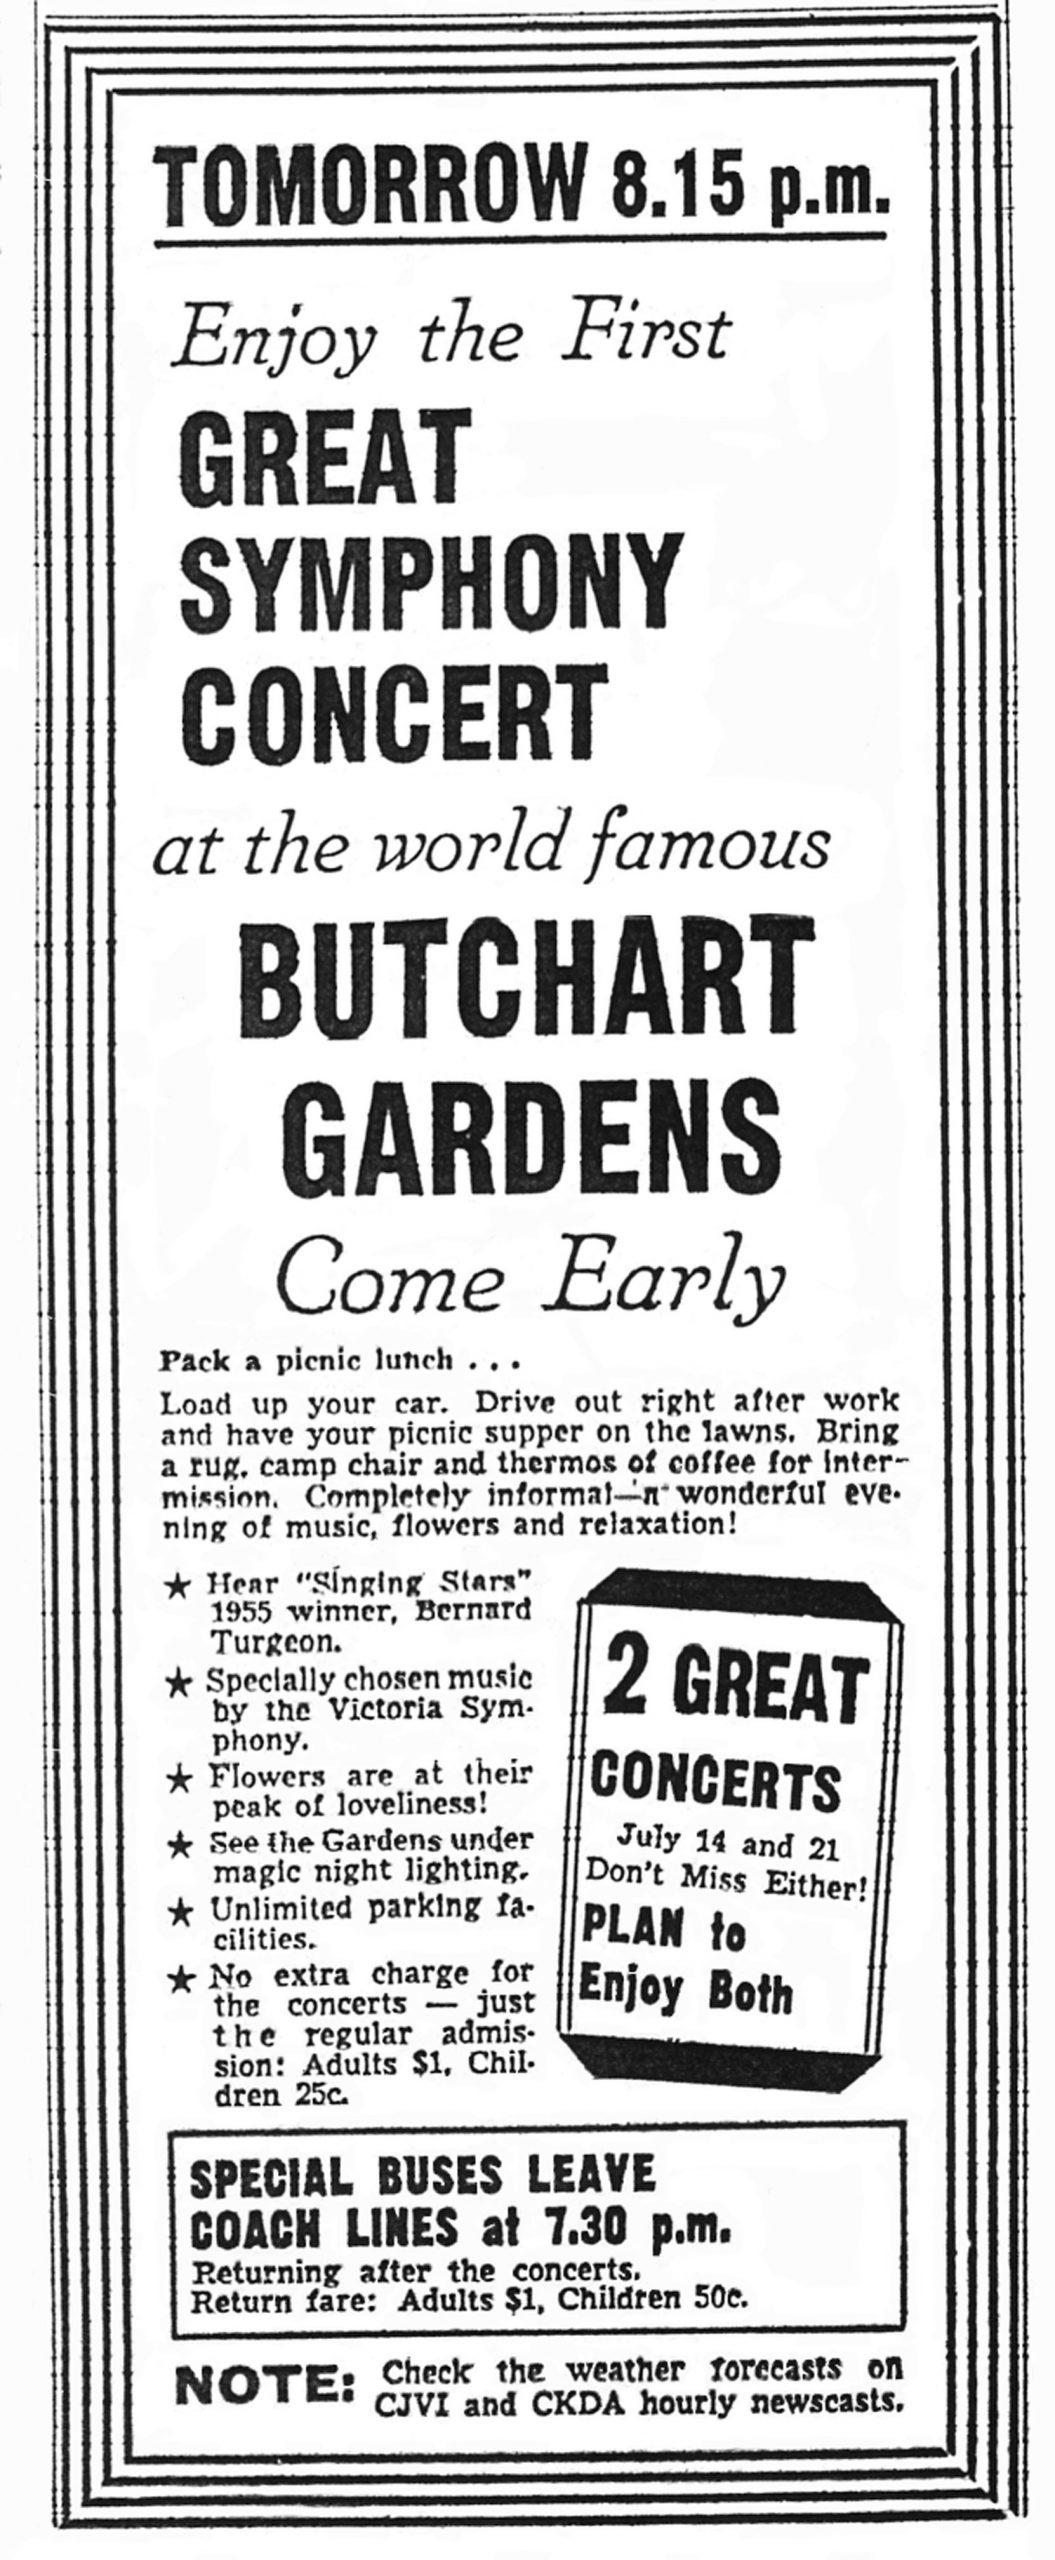 Newspaper advertisement for Butchart Gardens Concert featuring Bernard Turgeon, July 1955